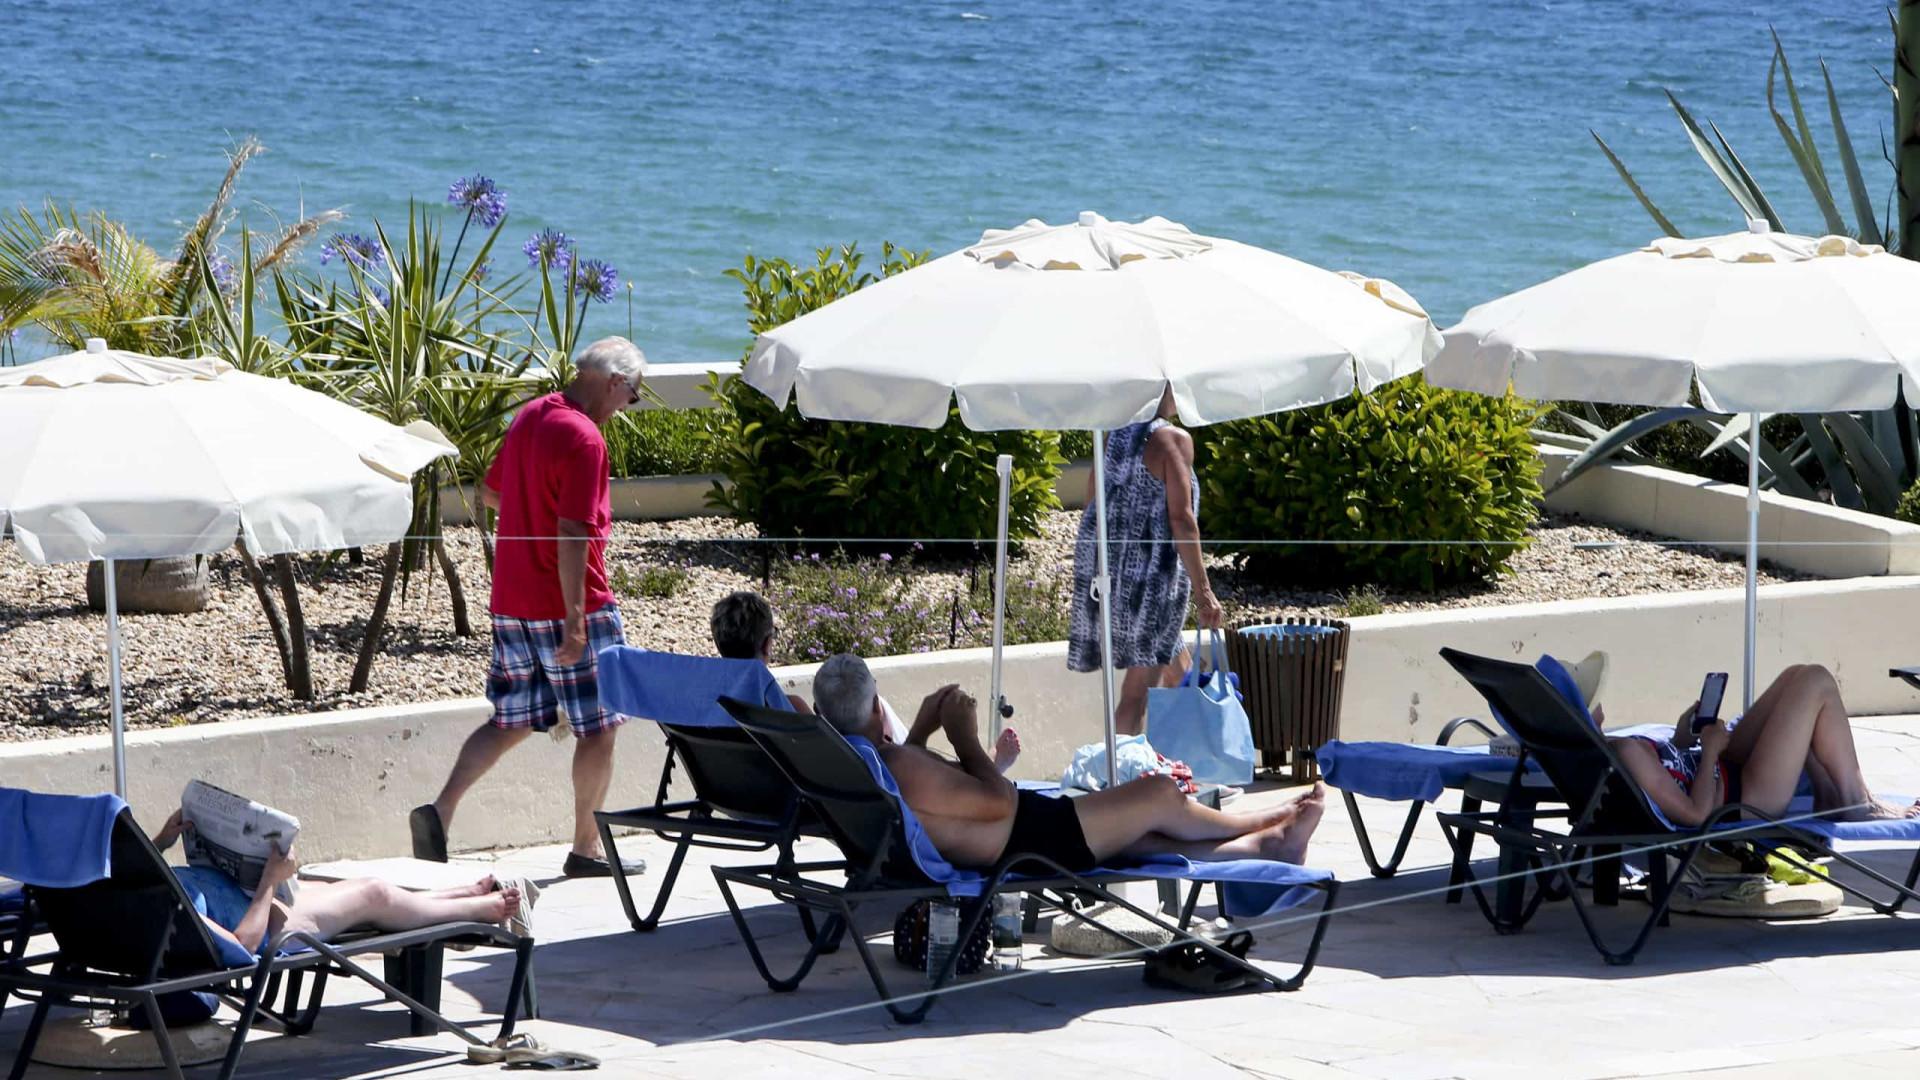 Hotelaria nacional registou melhor trimestre desde há 10 anos